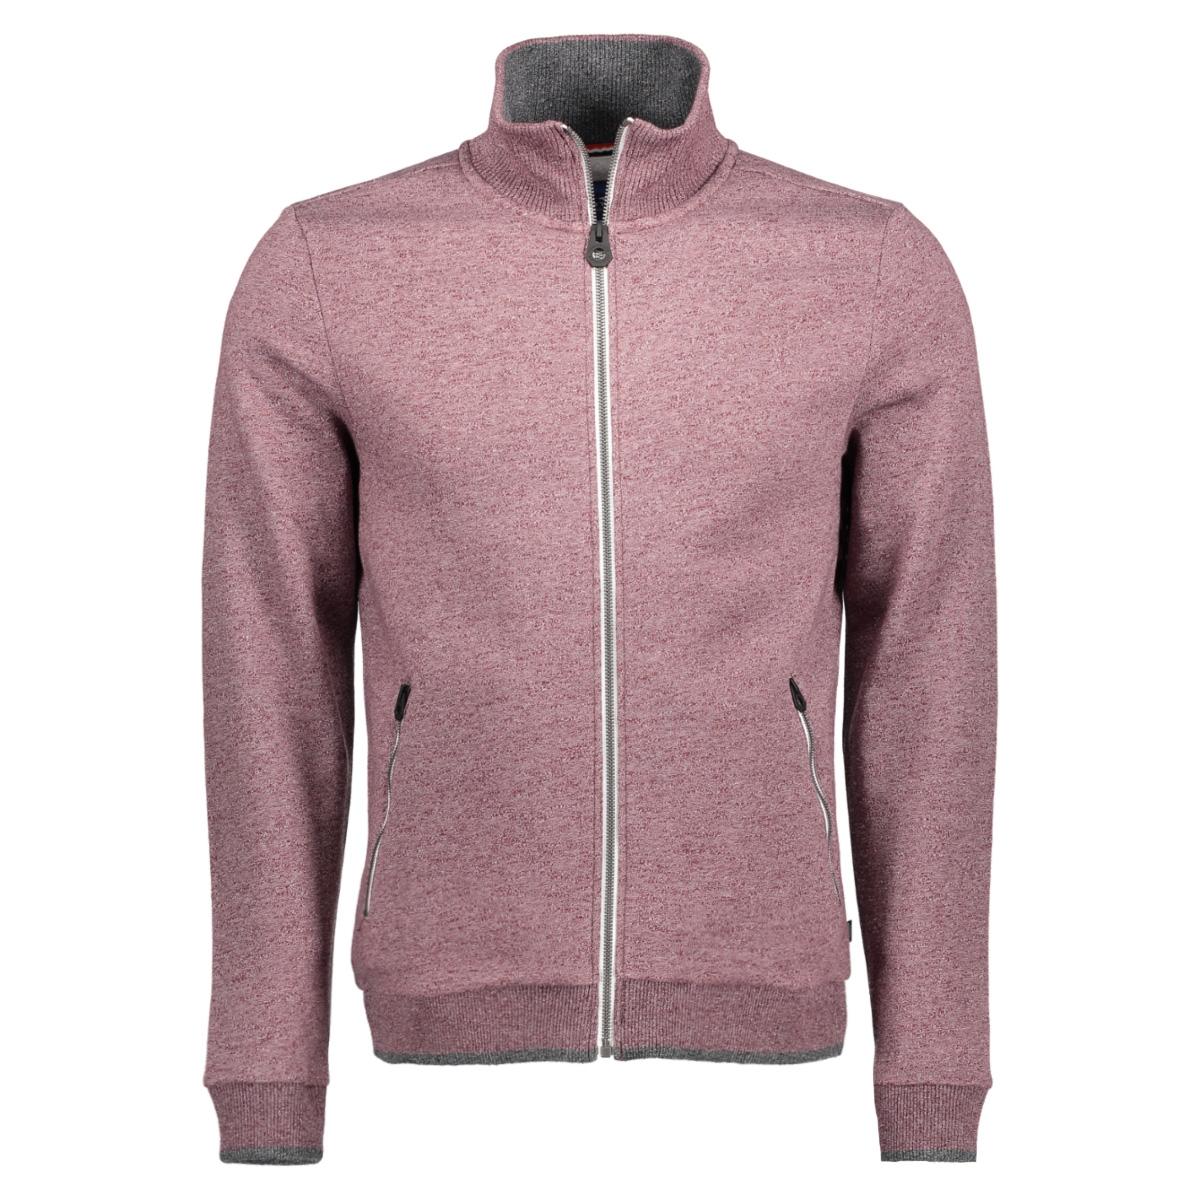 2531768.62.10 tom tailor vest 4663